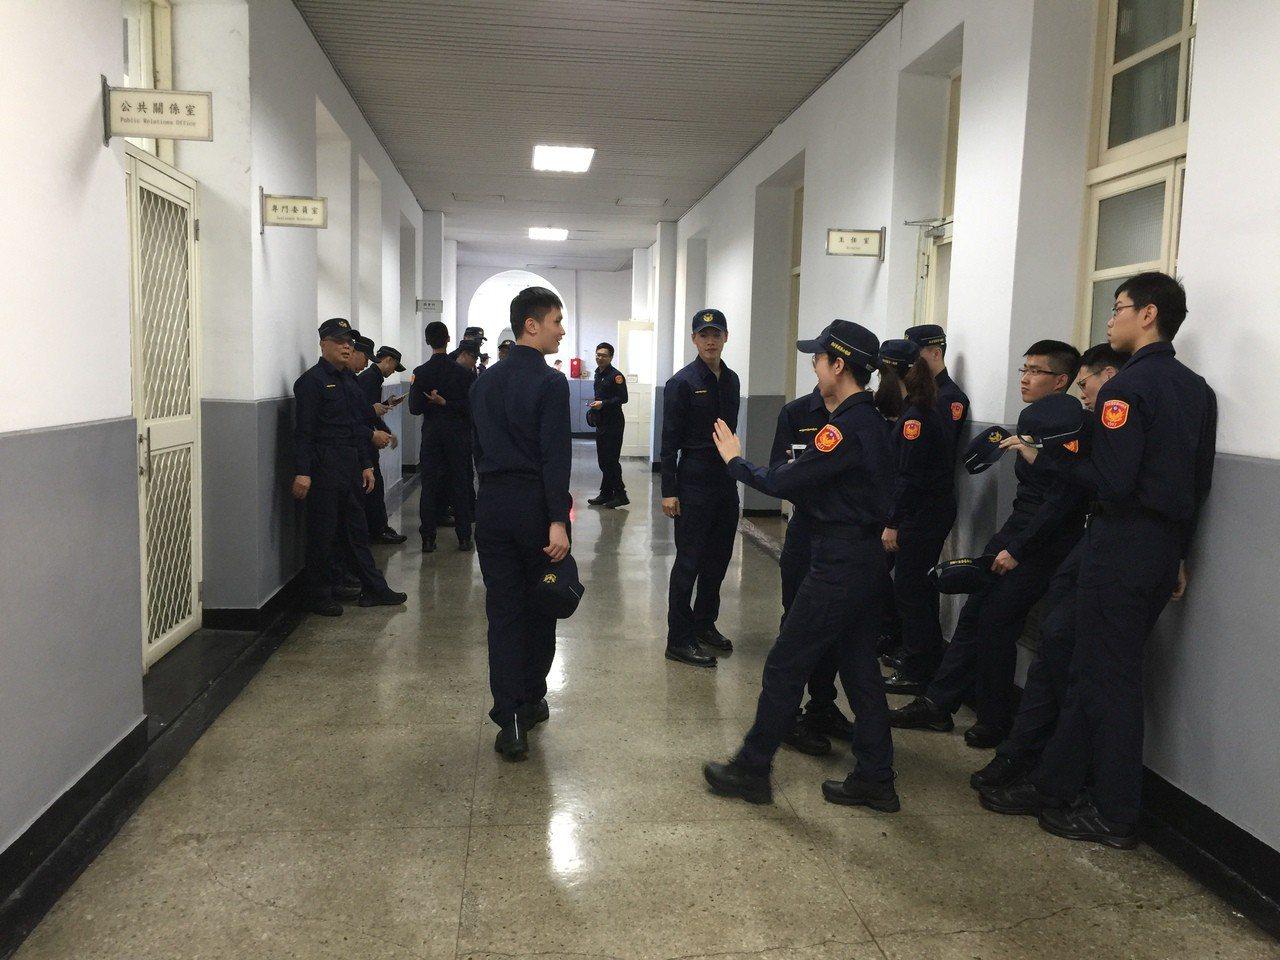 穿上新裝的年輕員警預演前聊天,對新制服多半顯得滿意。記者陳金松/攝影